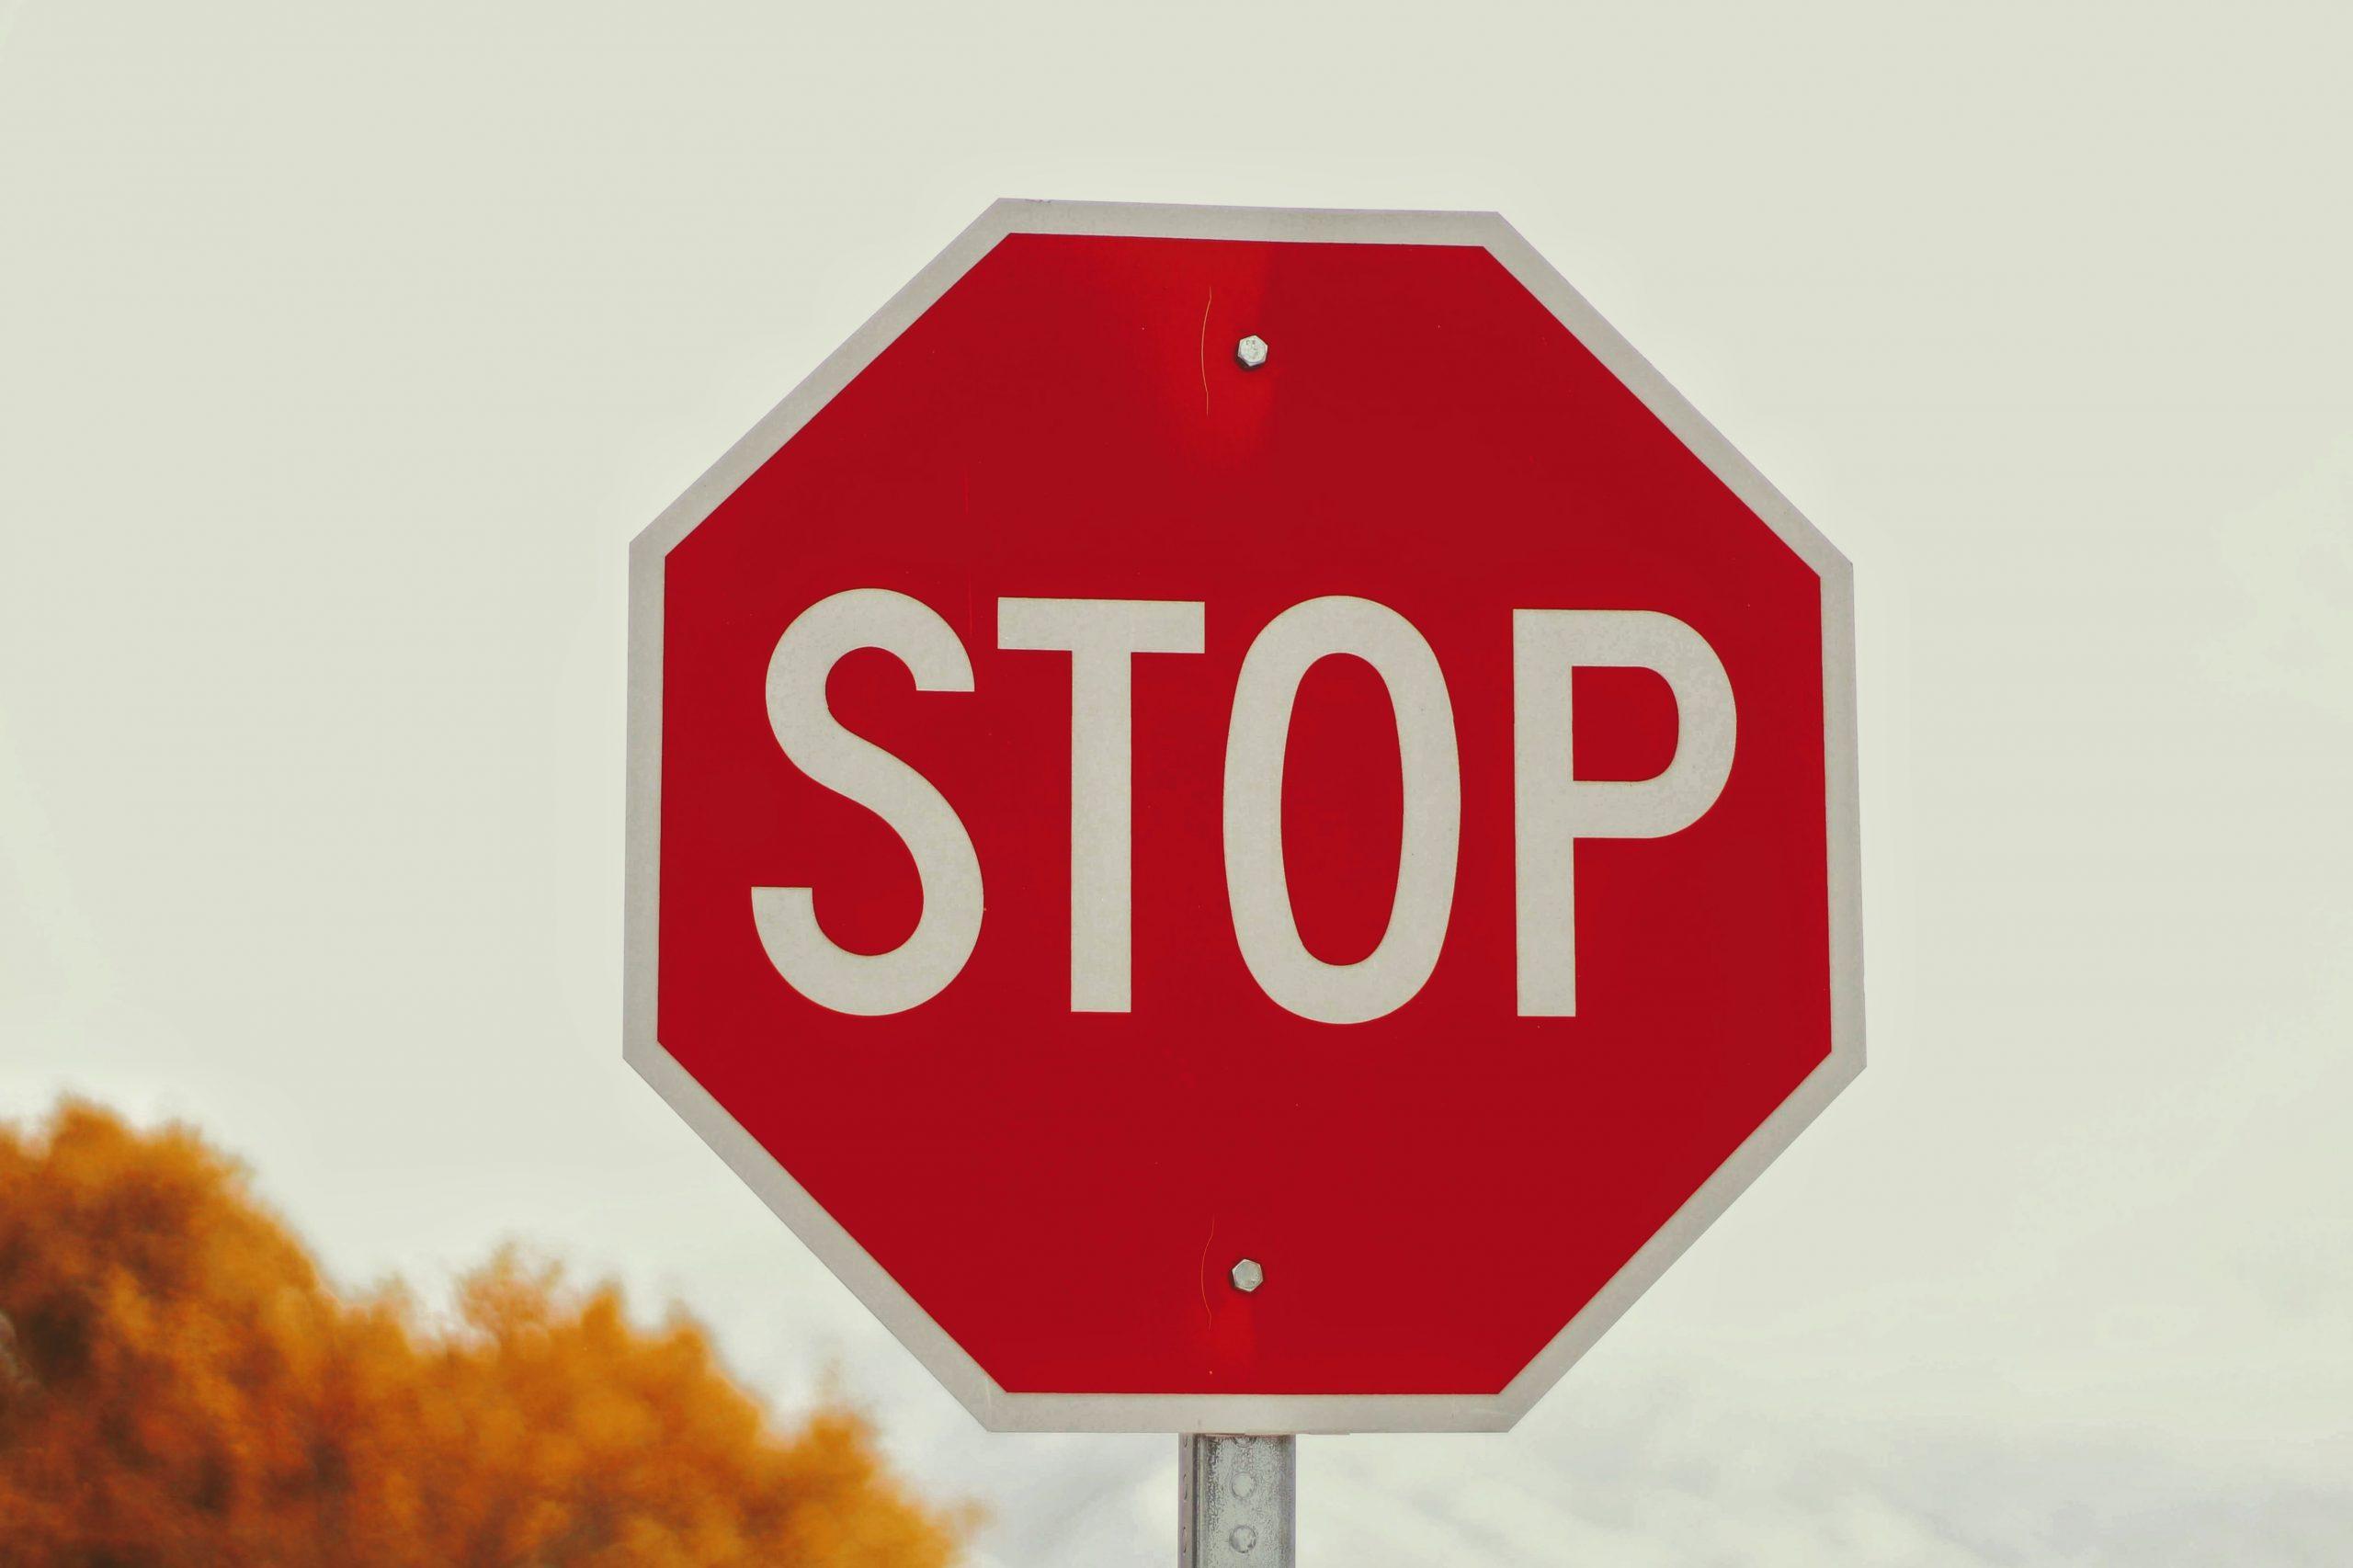 Comment une mairie peut-elle acheter des panneaux de signalisation ?